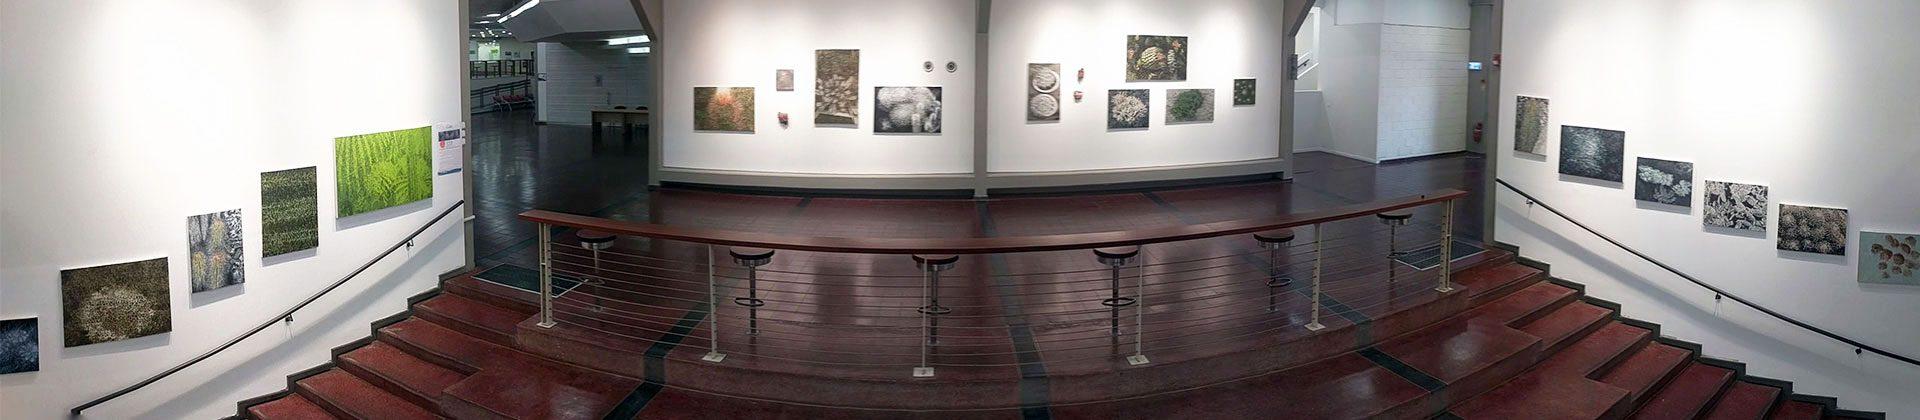 גלריית מכללת לוינסקי לאומנות עכשווית